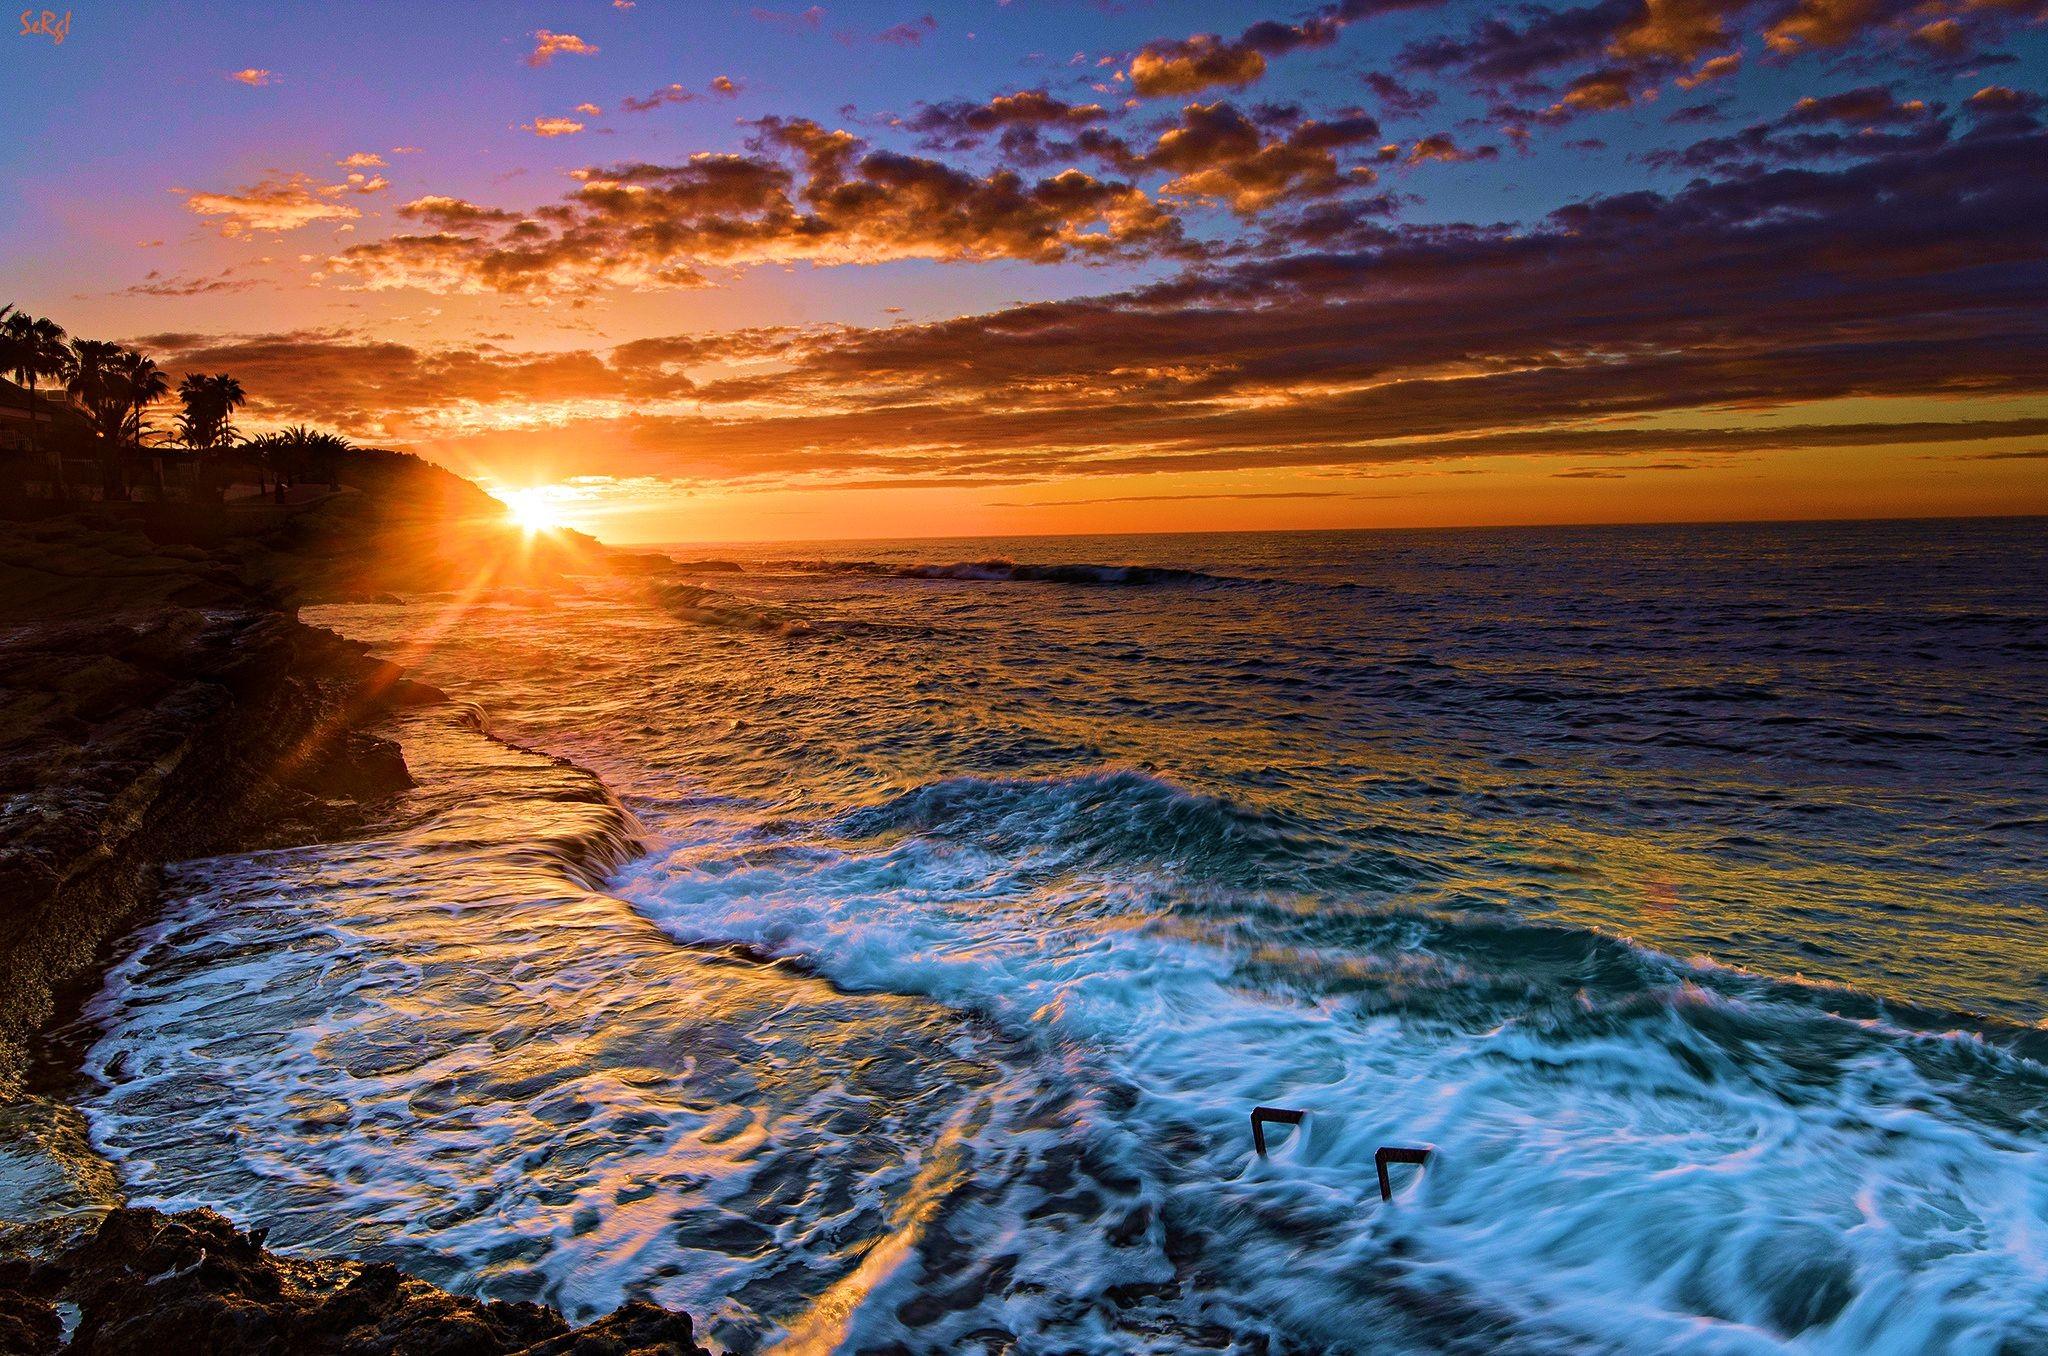 Beach Sunset Desktop Wallpaper 70+ images